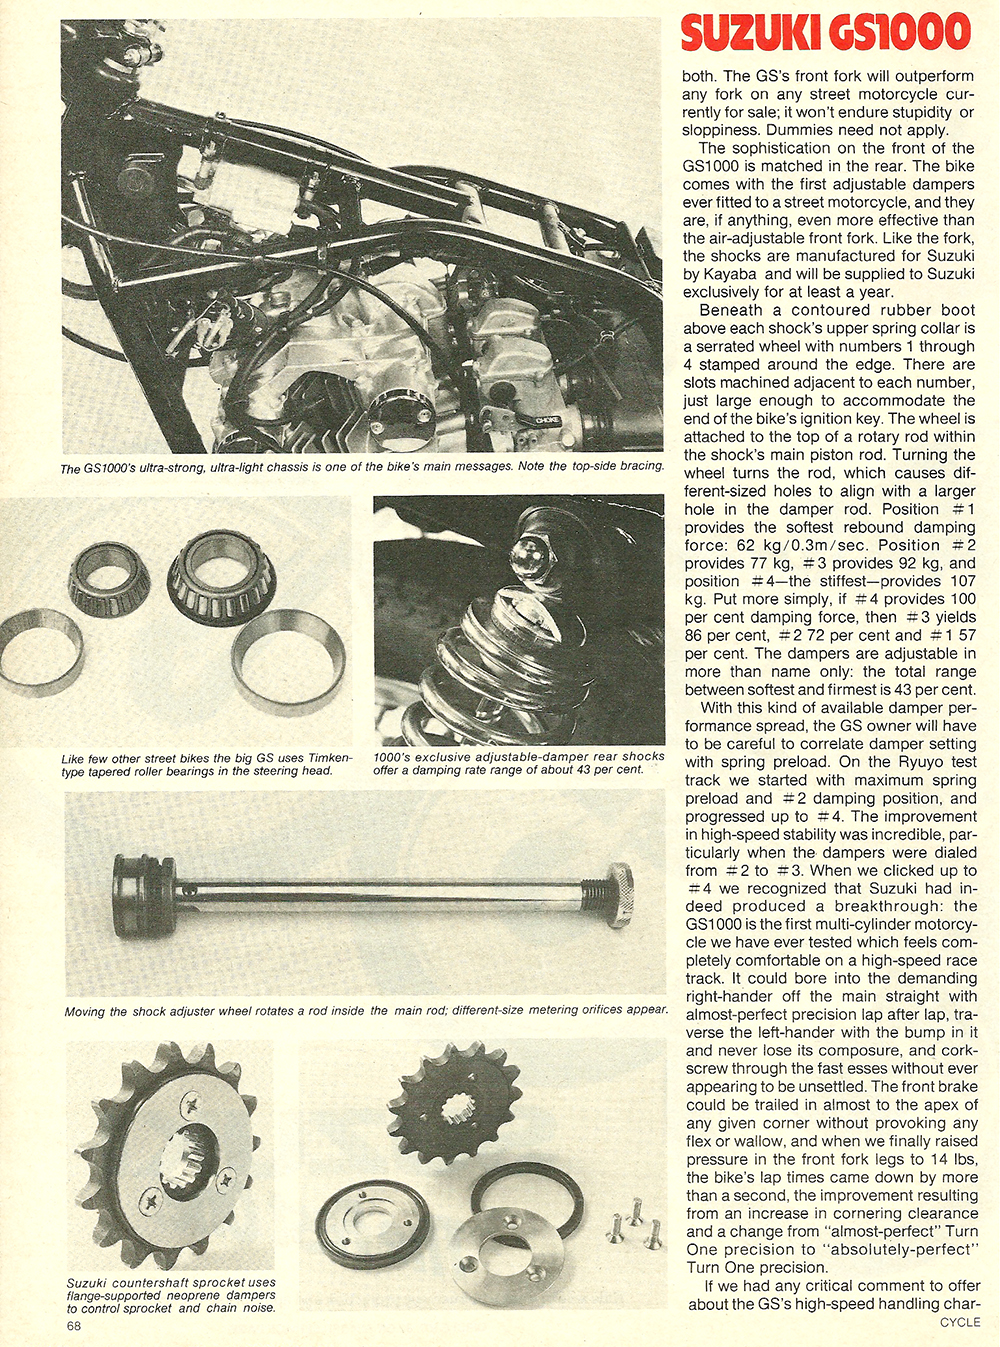 1978 Suzuki GS1000 road test 7.jpg